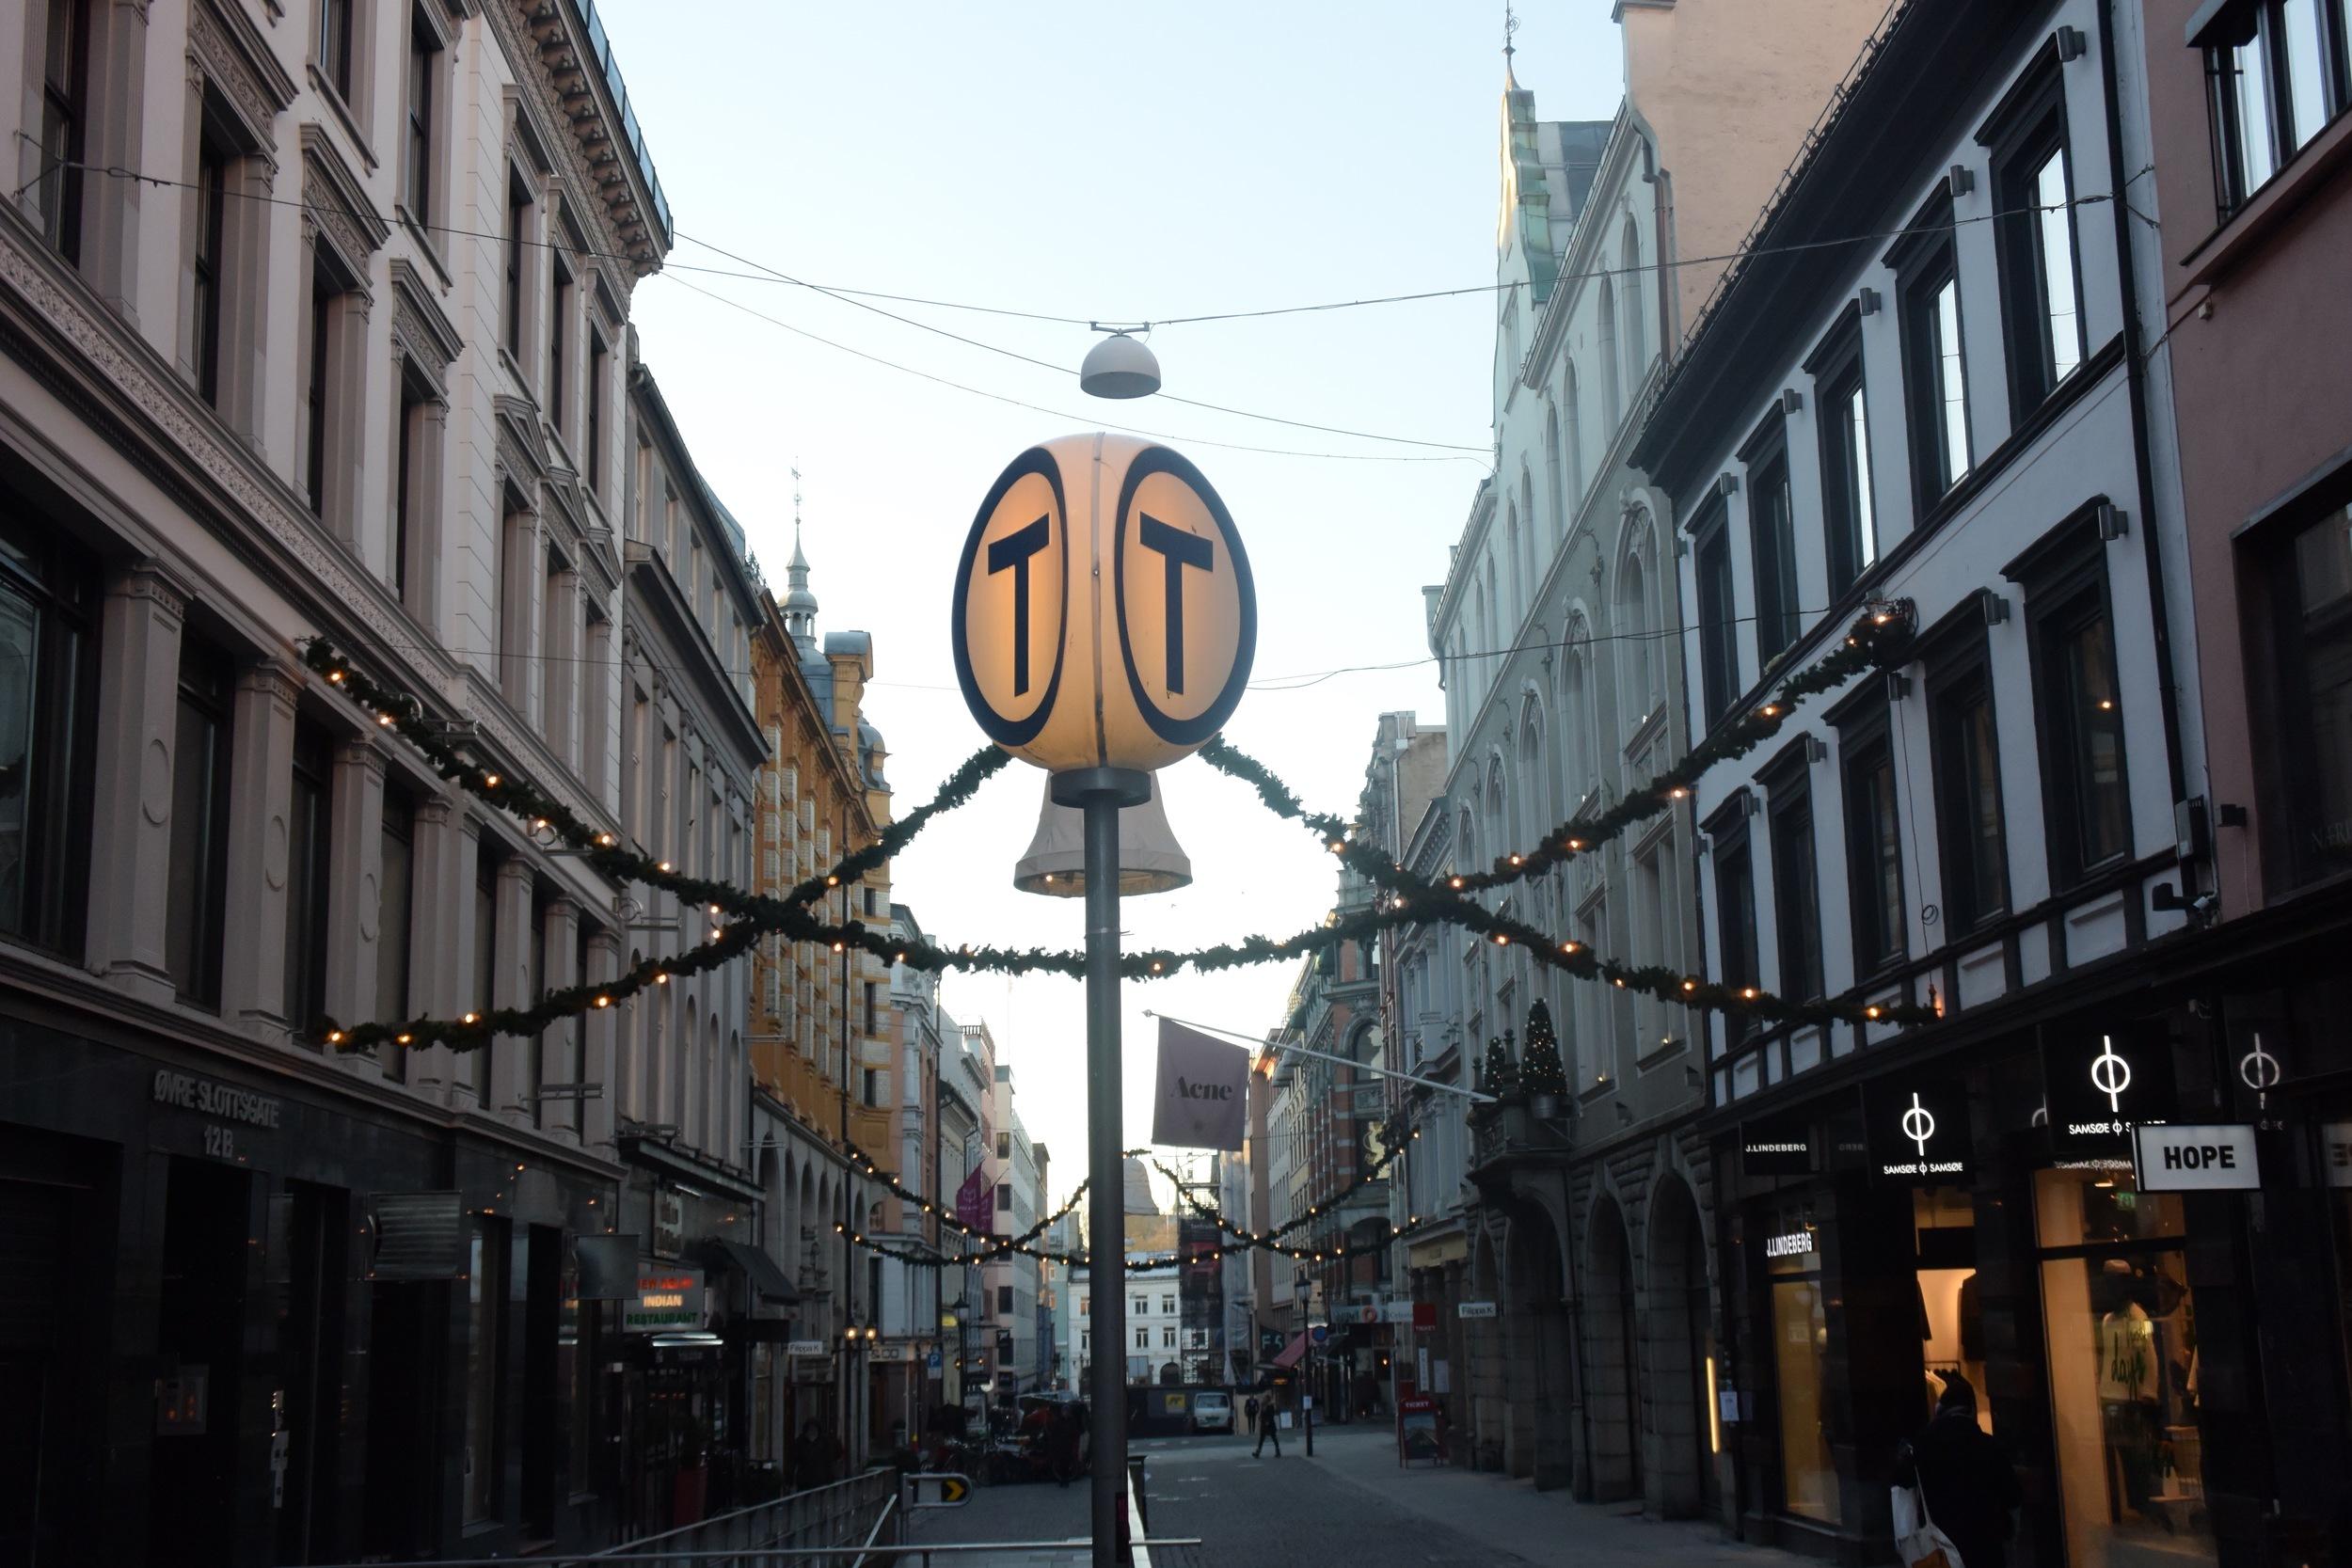 Céntrica avenida de Oslo, cerca de una parada de metro de la capital noruega. / LUKE JACKSON